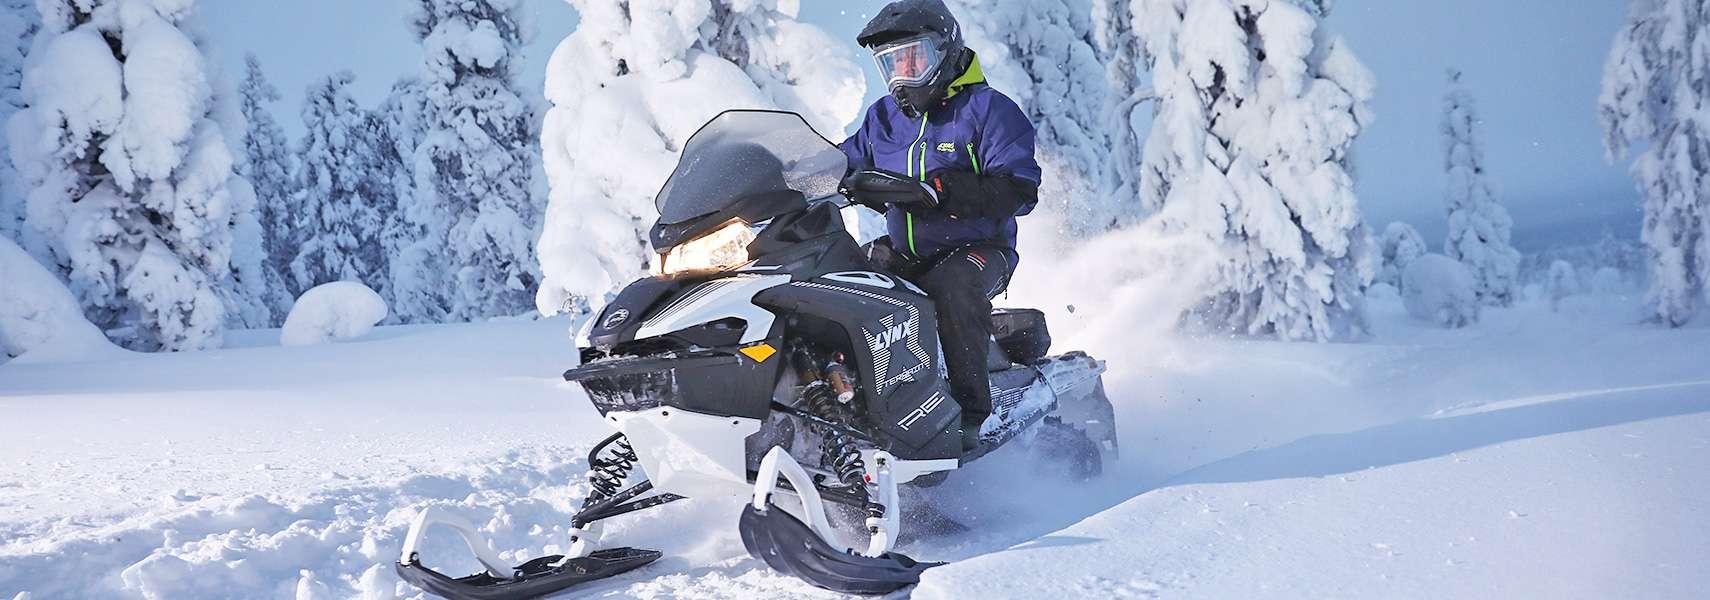 snowmobile safari in Estonia